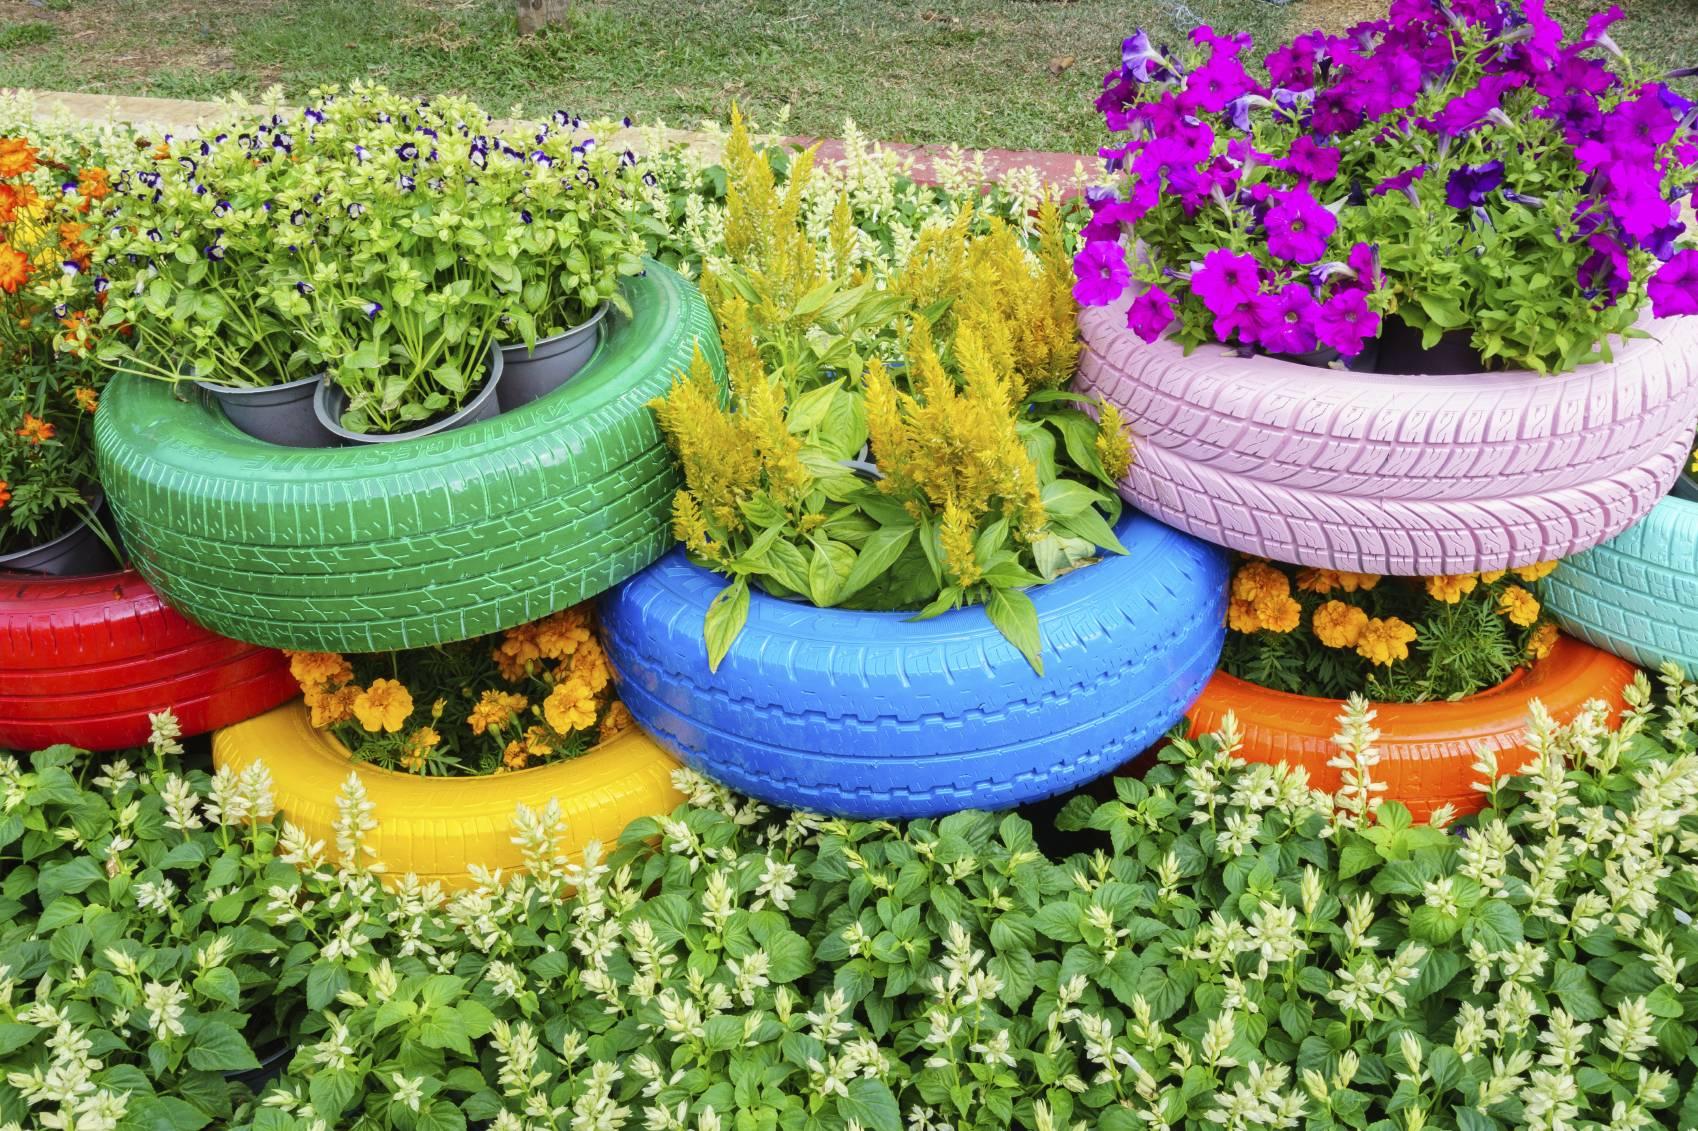 composer son jardin en fonction des climats en france. Black Bedroom Furniture Sets. Home Design Ideas